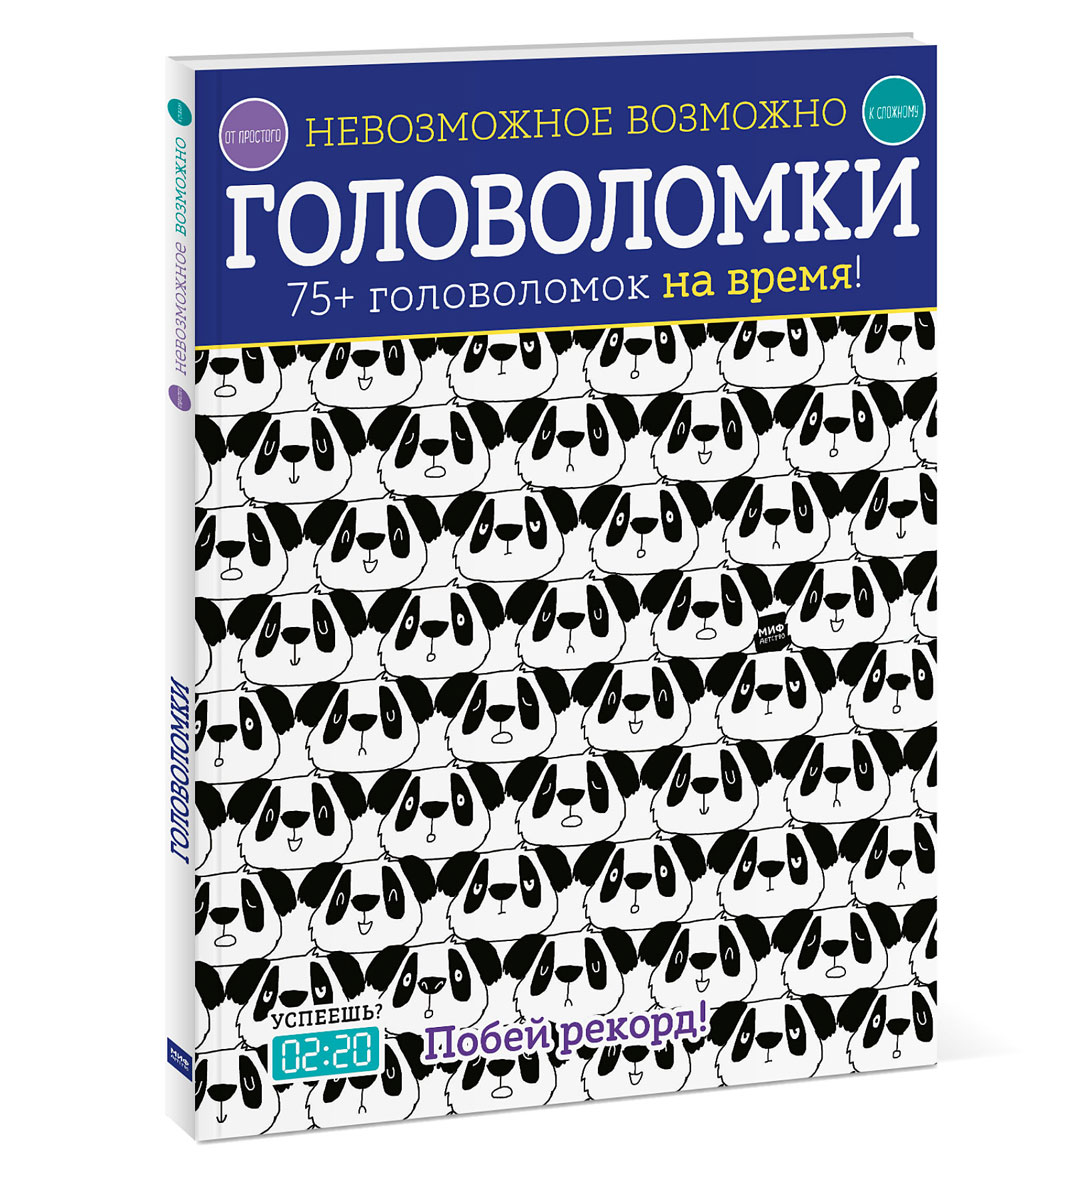 Фото Элизабет Голдинг Головоломки. 75+ головоломок на время!. Купить  в РФ